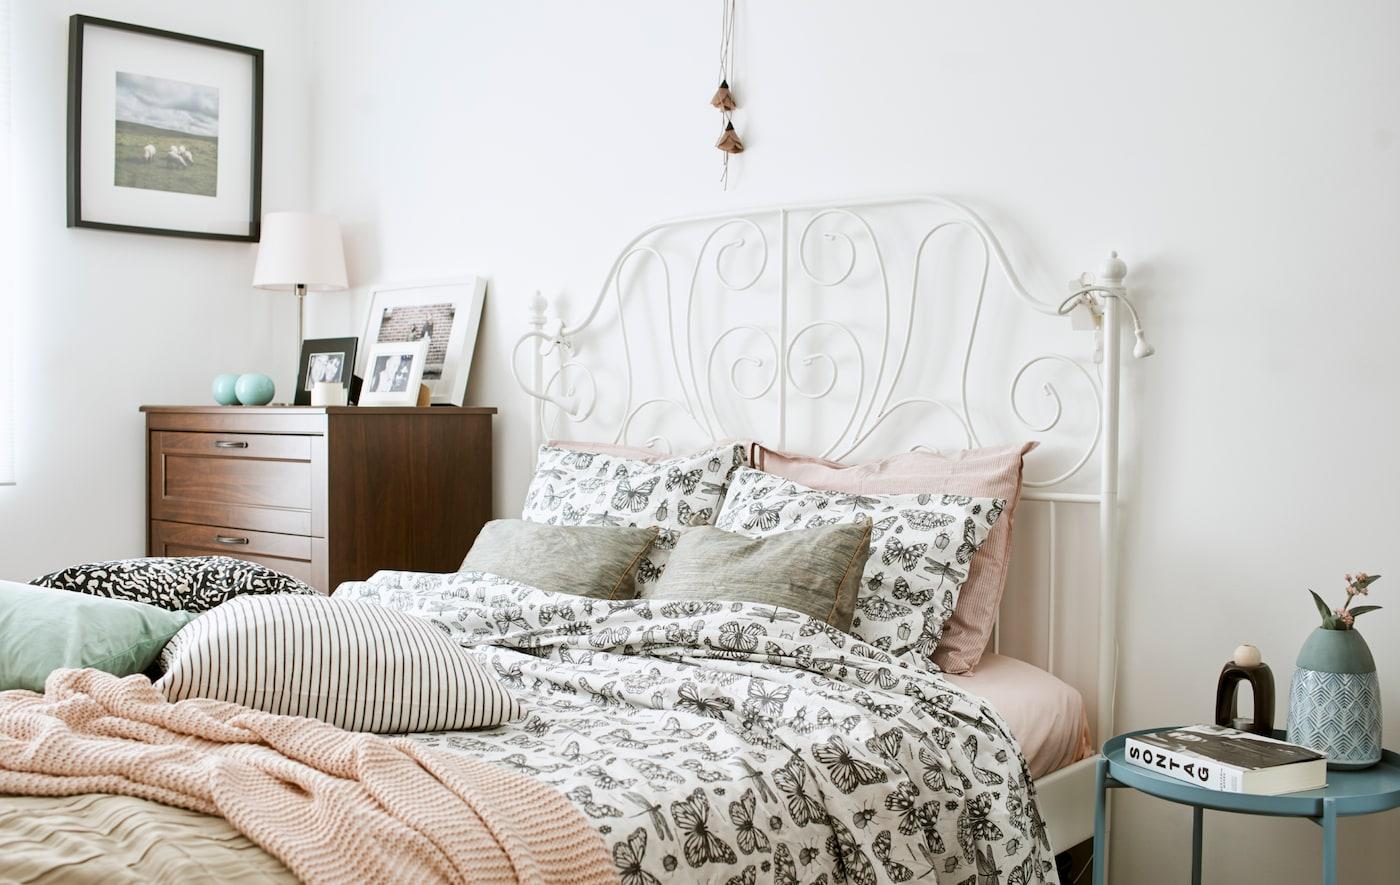 سرير بلوح رأس من الحديد المطاوع الأبيض، مزيّن بلحاف مع رسومات فراشة أحادية اللون، وبطانية محبوكة وردية ووسائد.